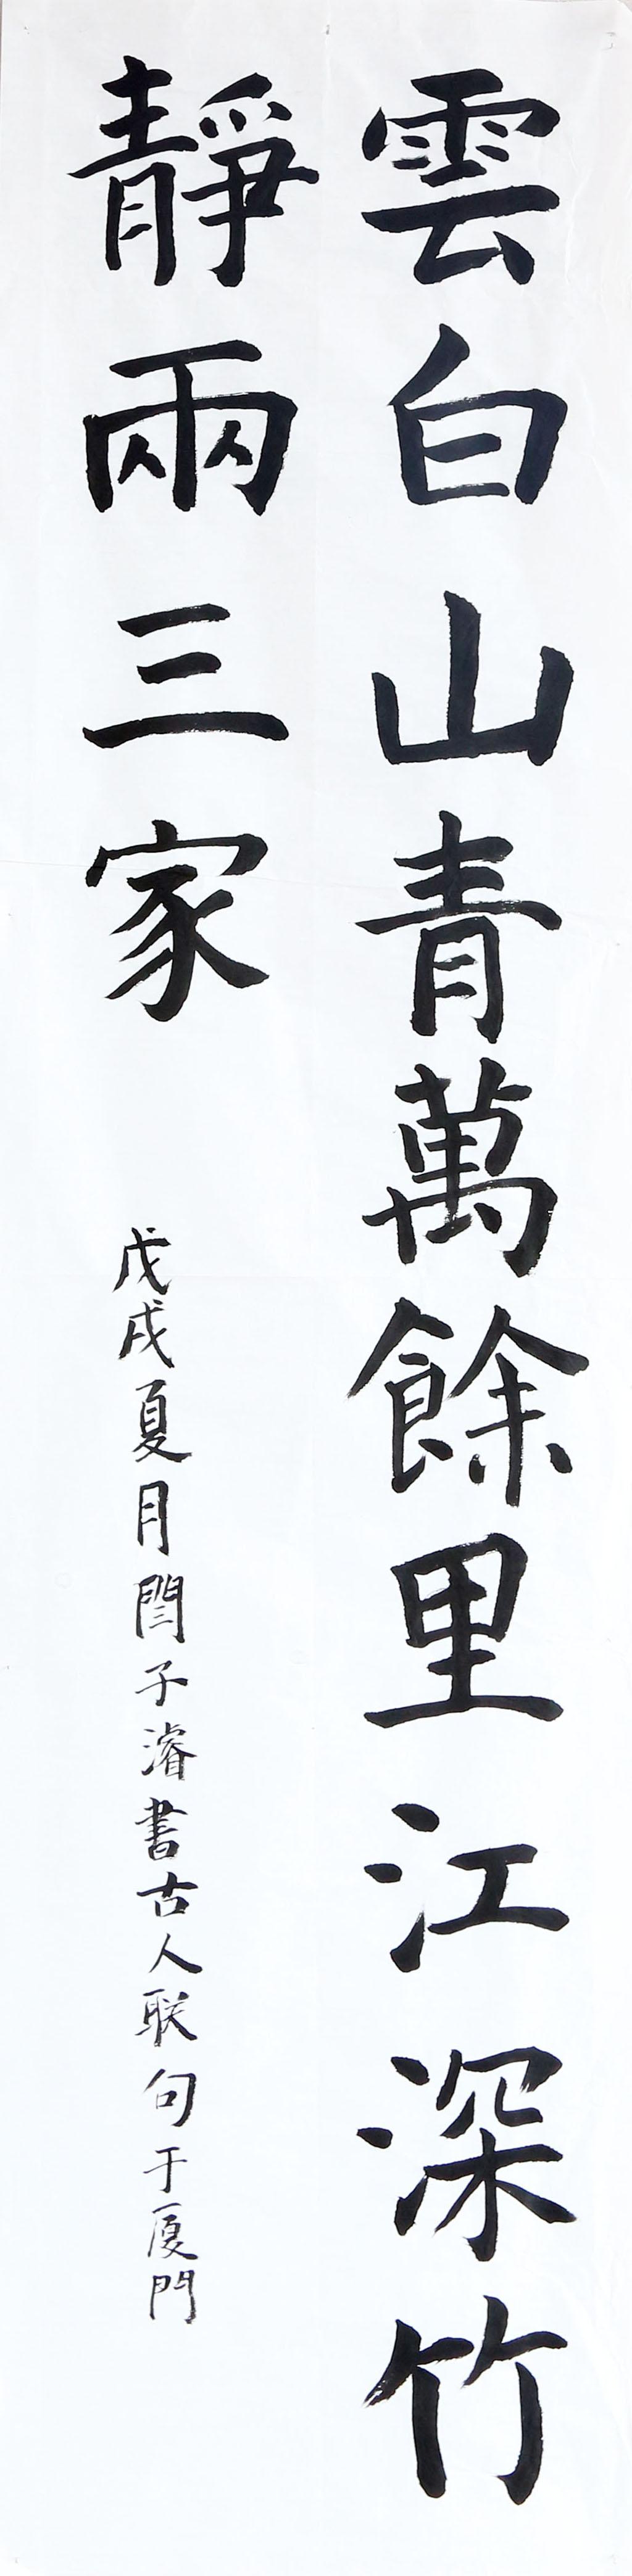 闫子浚 小学高年级组三等奖